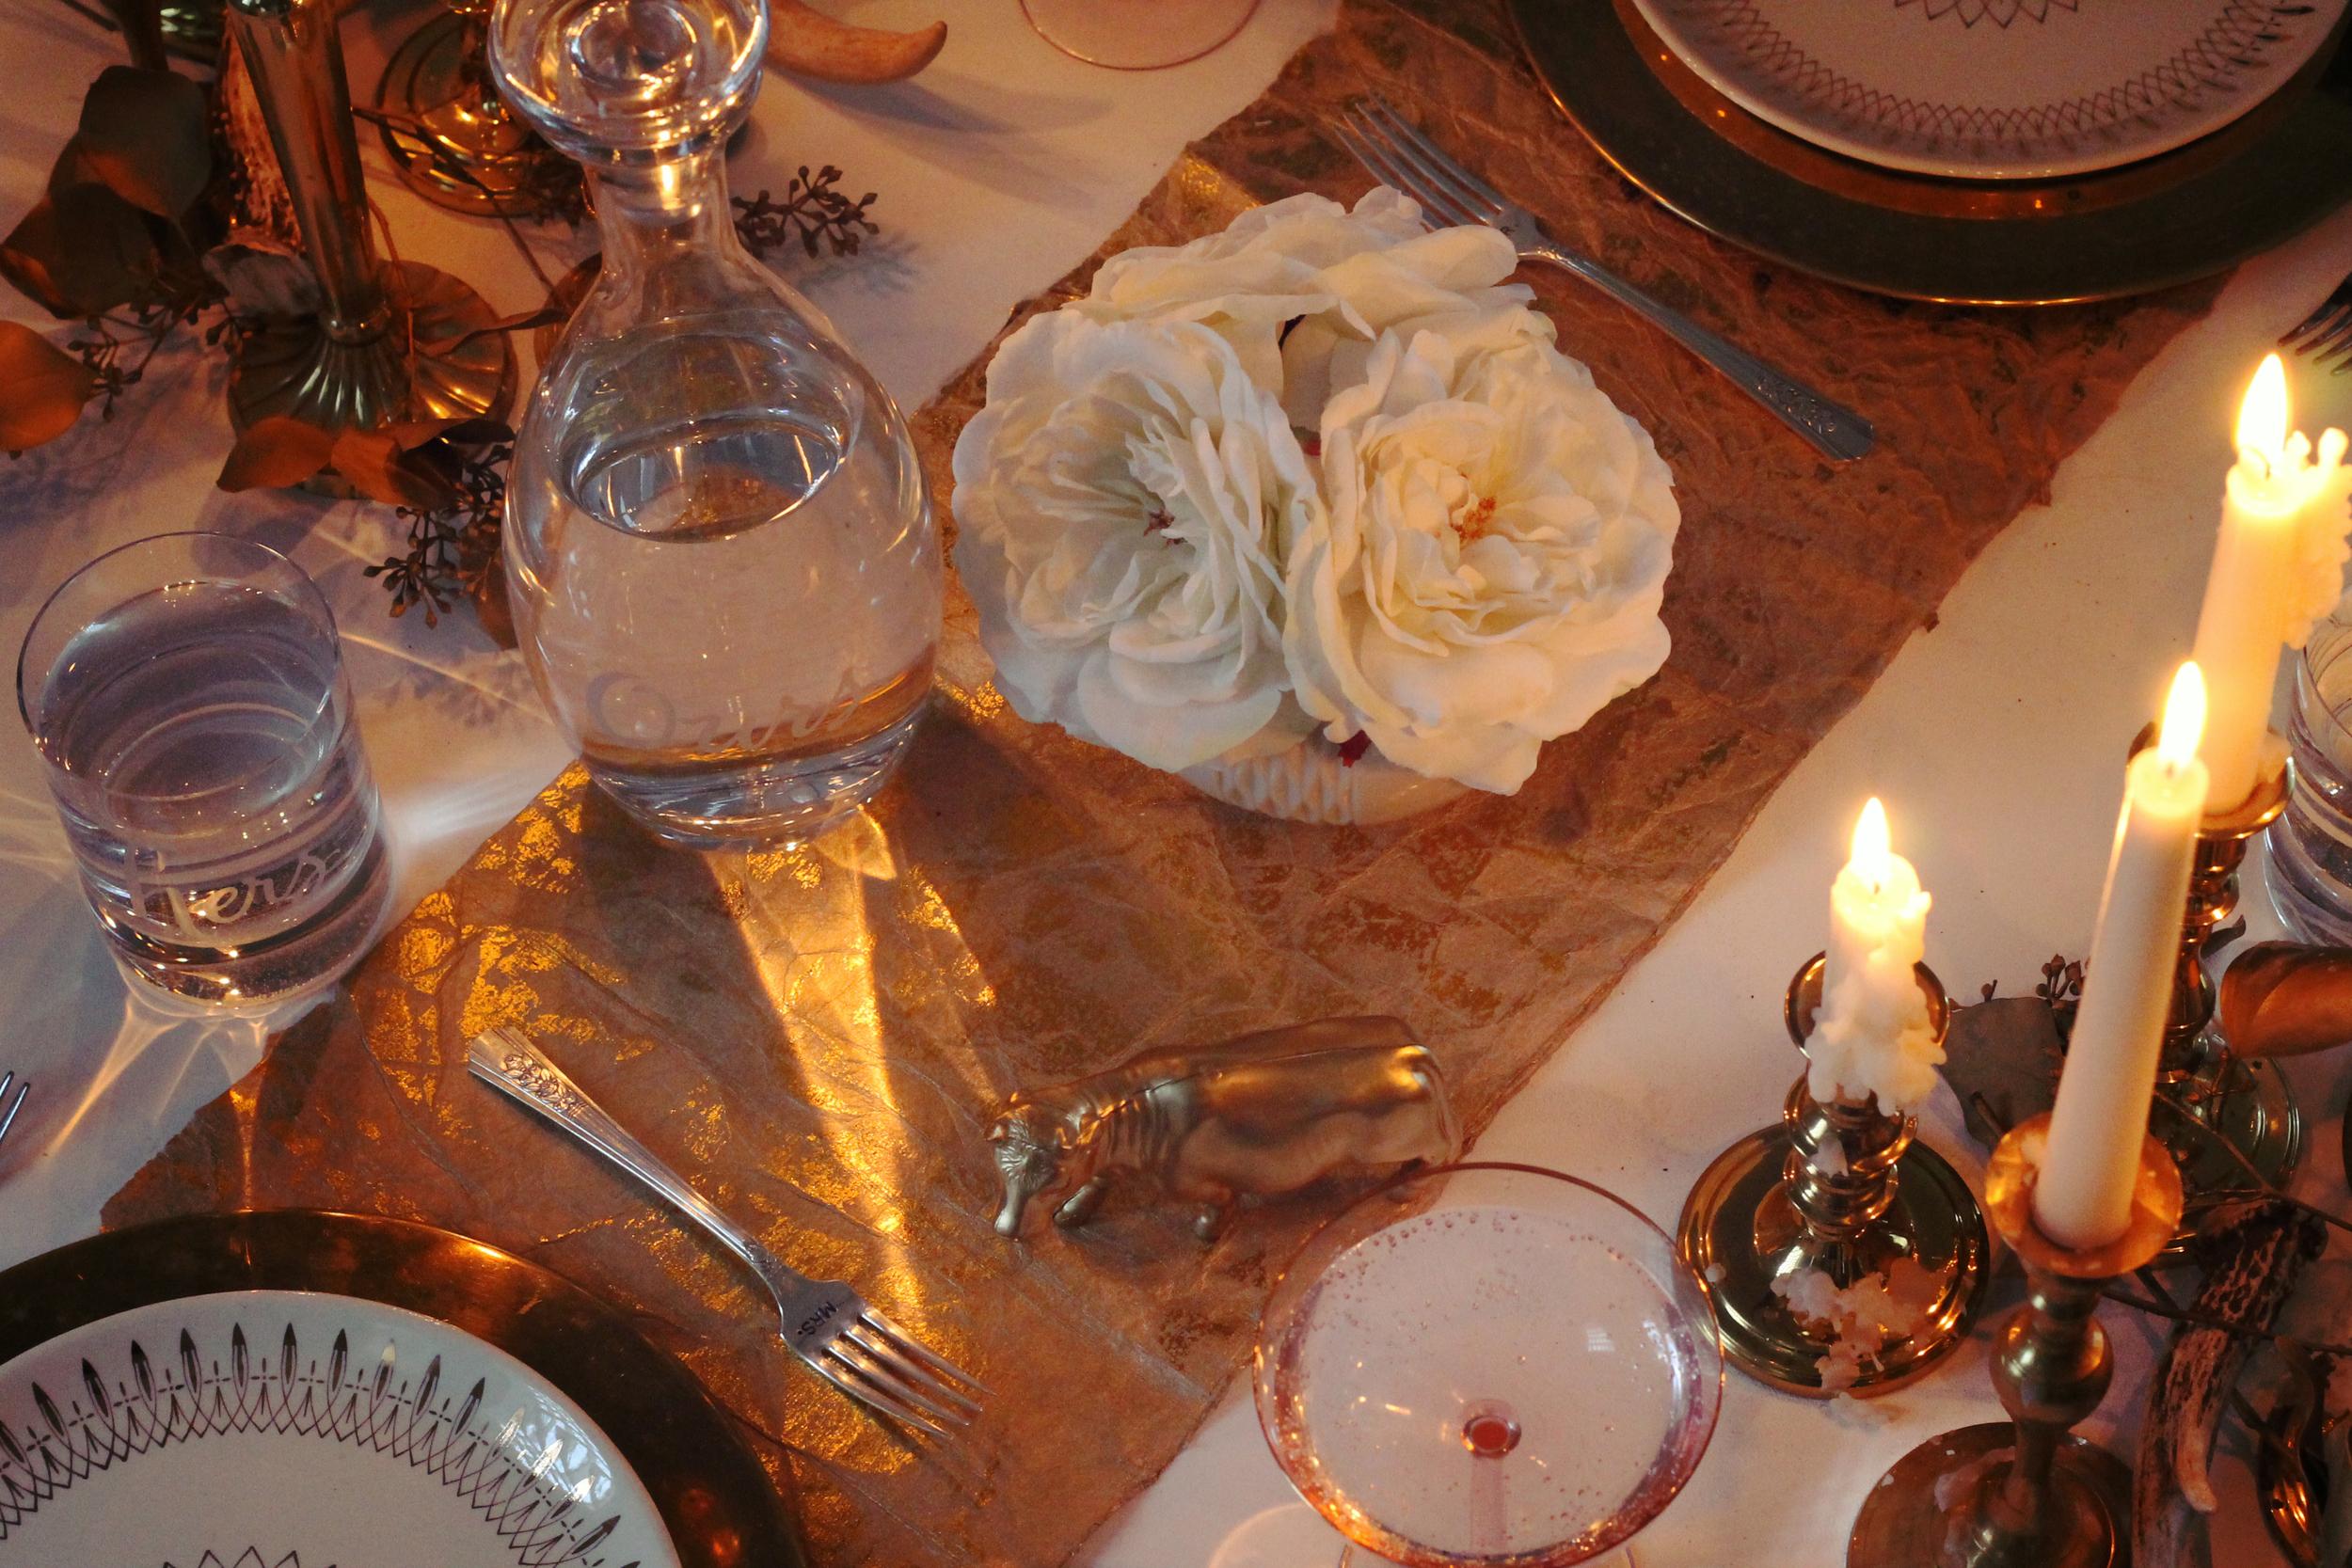 Famsgiving Fall Dinner Decor | Sugar & Gold